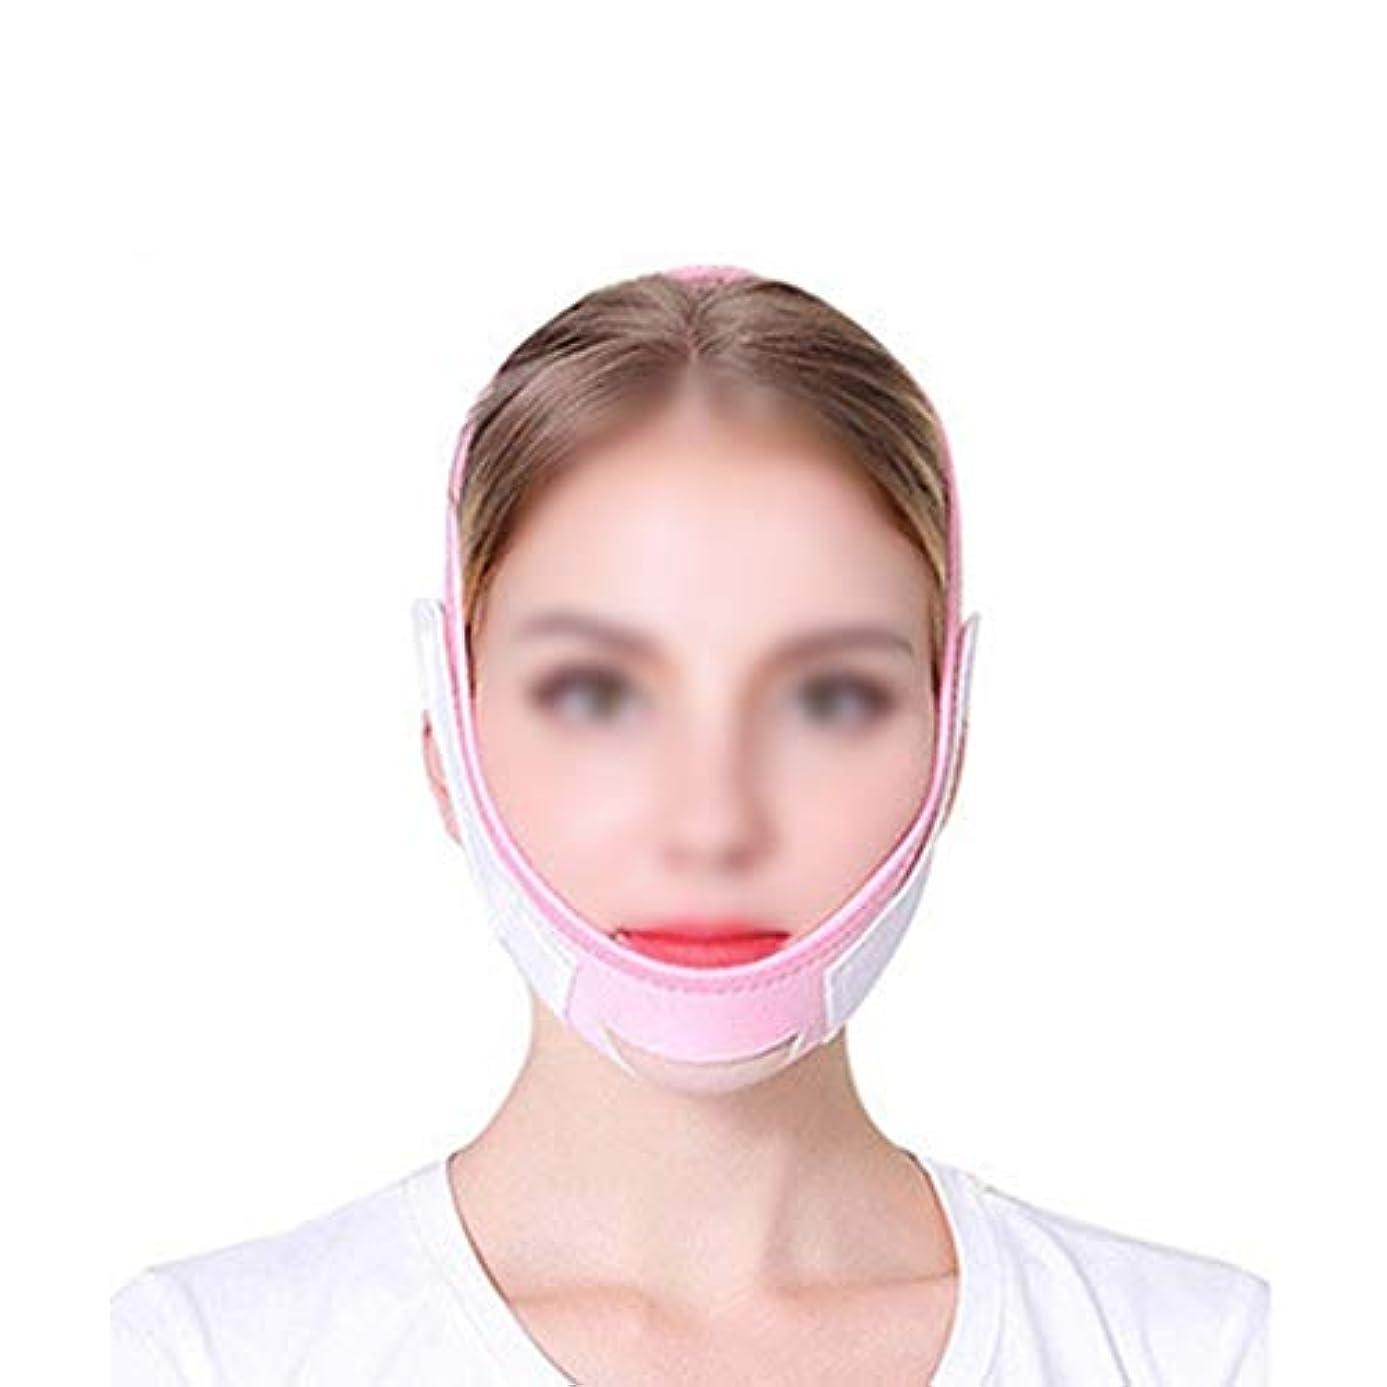 家族エージェントそんなにしわ防止フェイシャル減量ベルト、フェイスリフティング包帯、フェイスリフティングマスク、リフティングフェイスバンド、スキンバンデージ(フリーサイズ) (Color : Powder white)